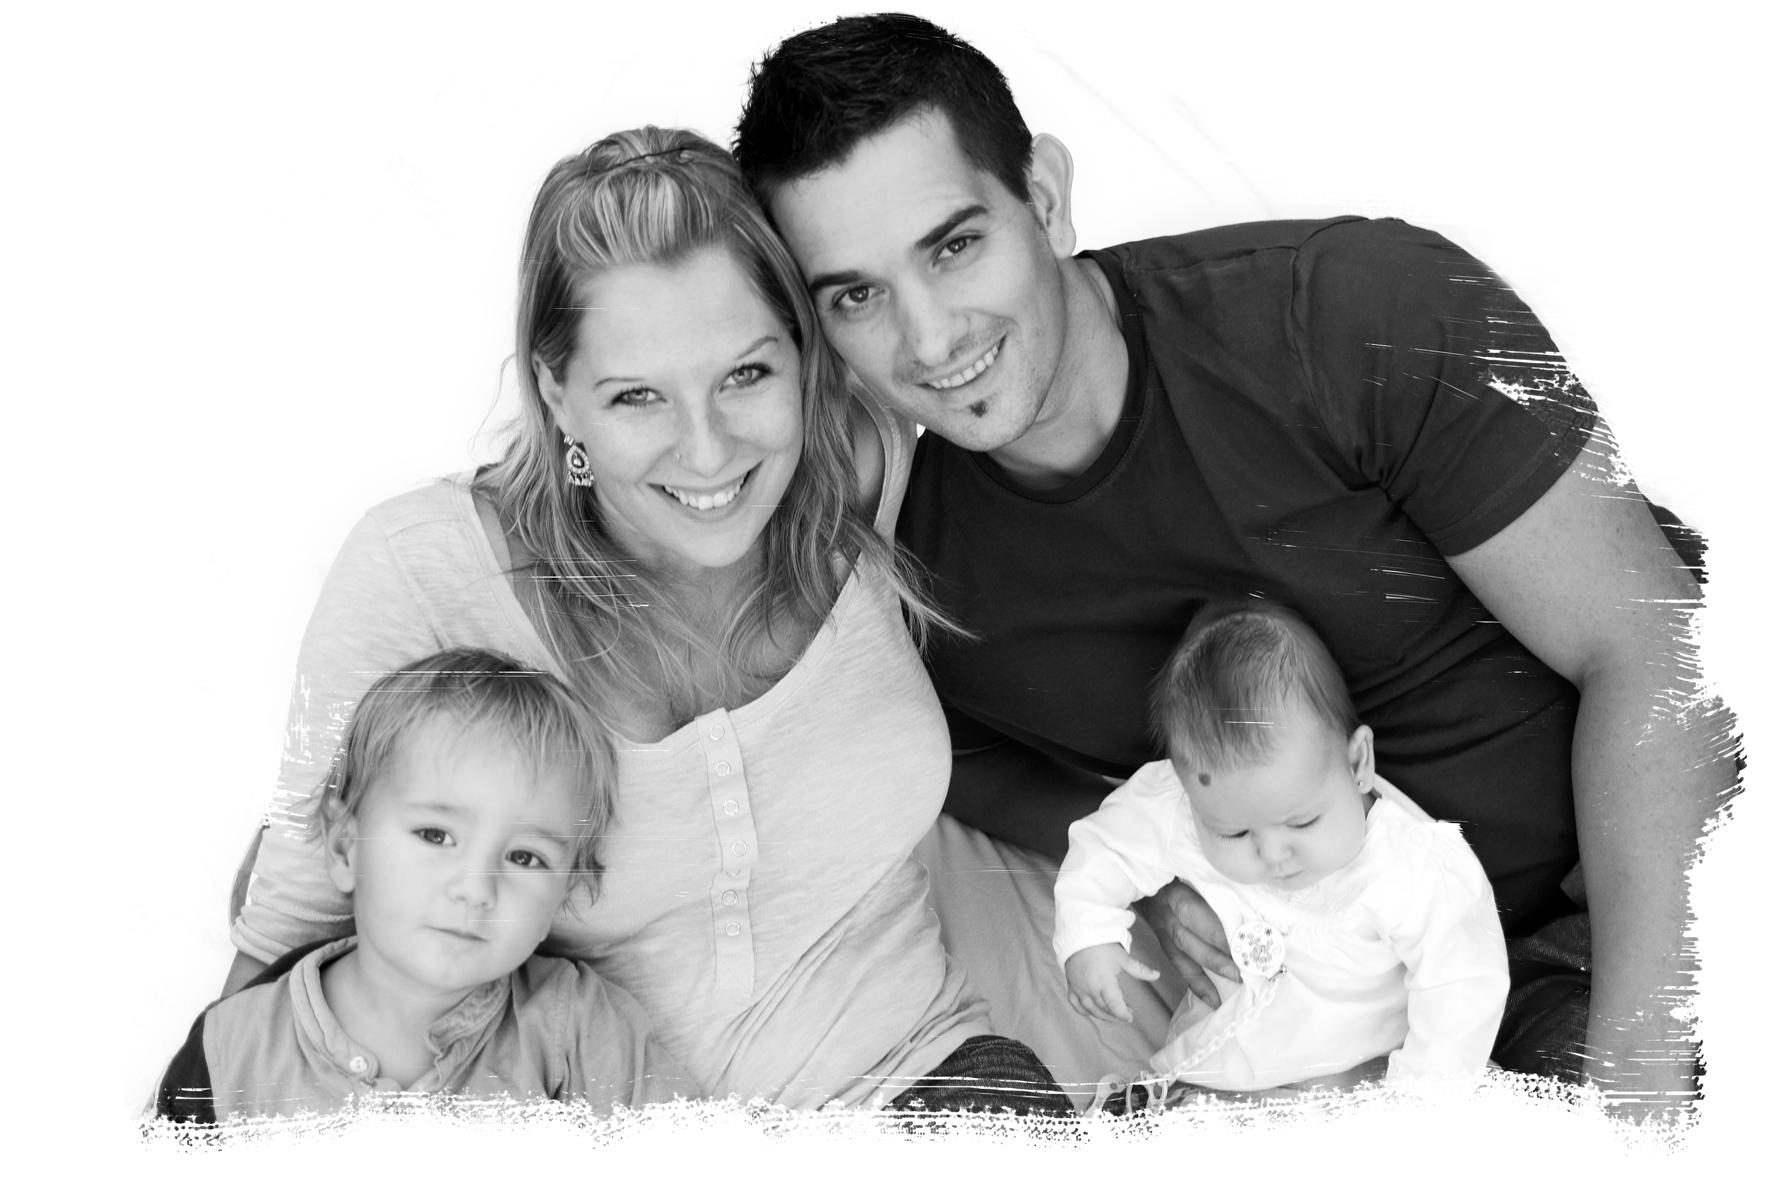 Familienporträt schwarz weiß